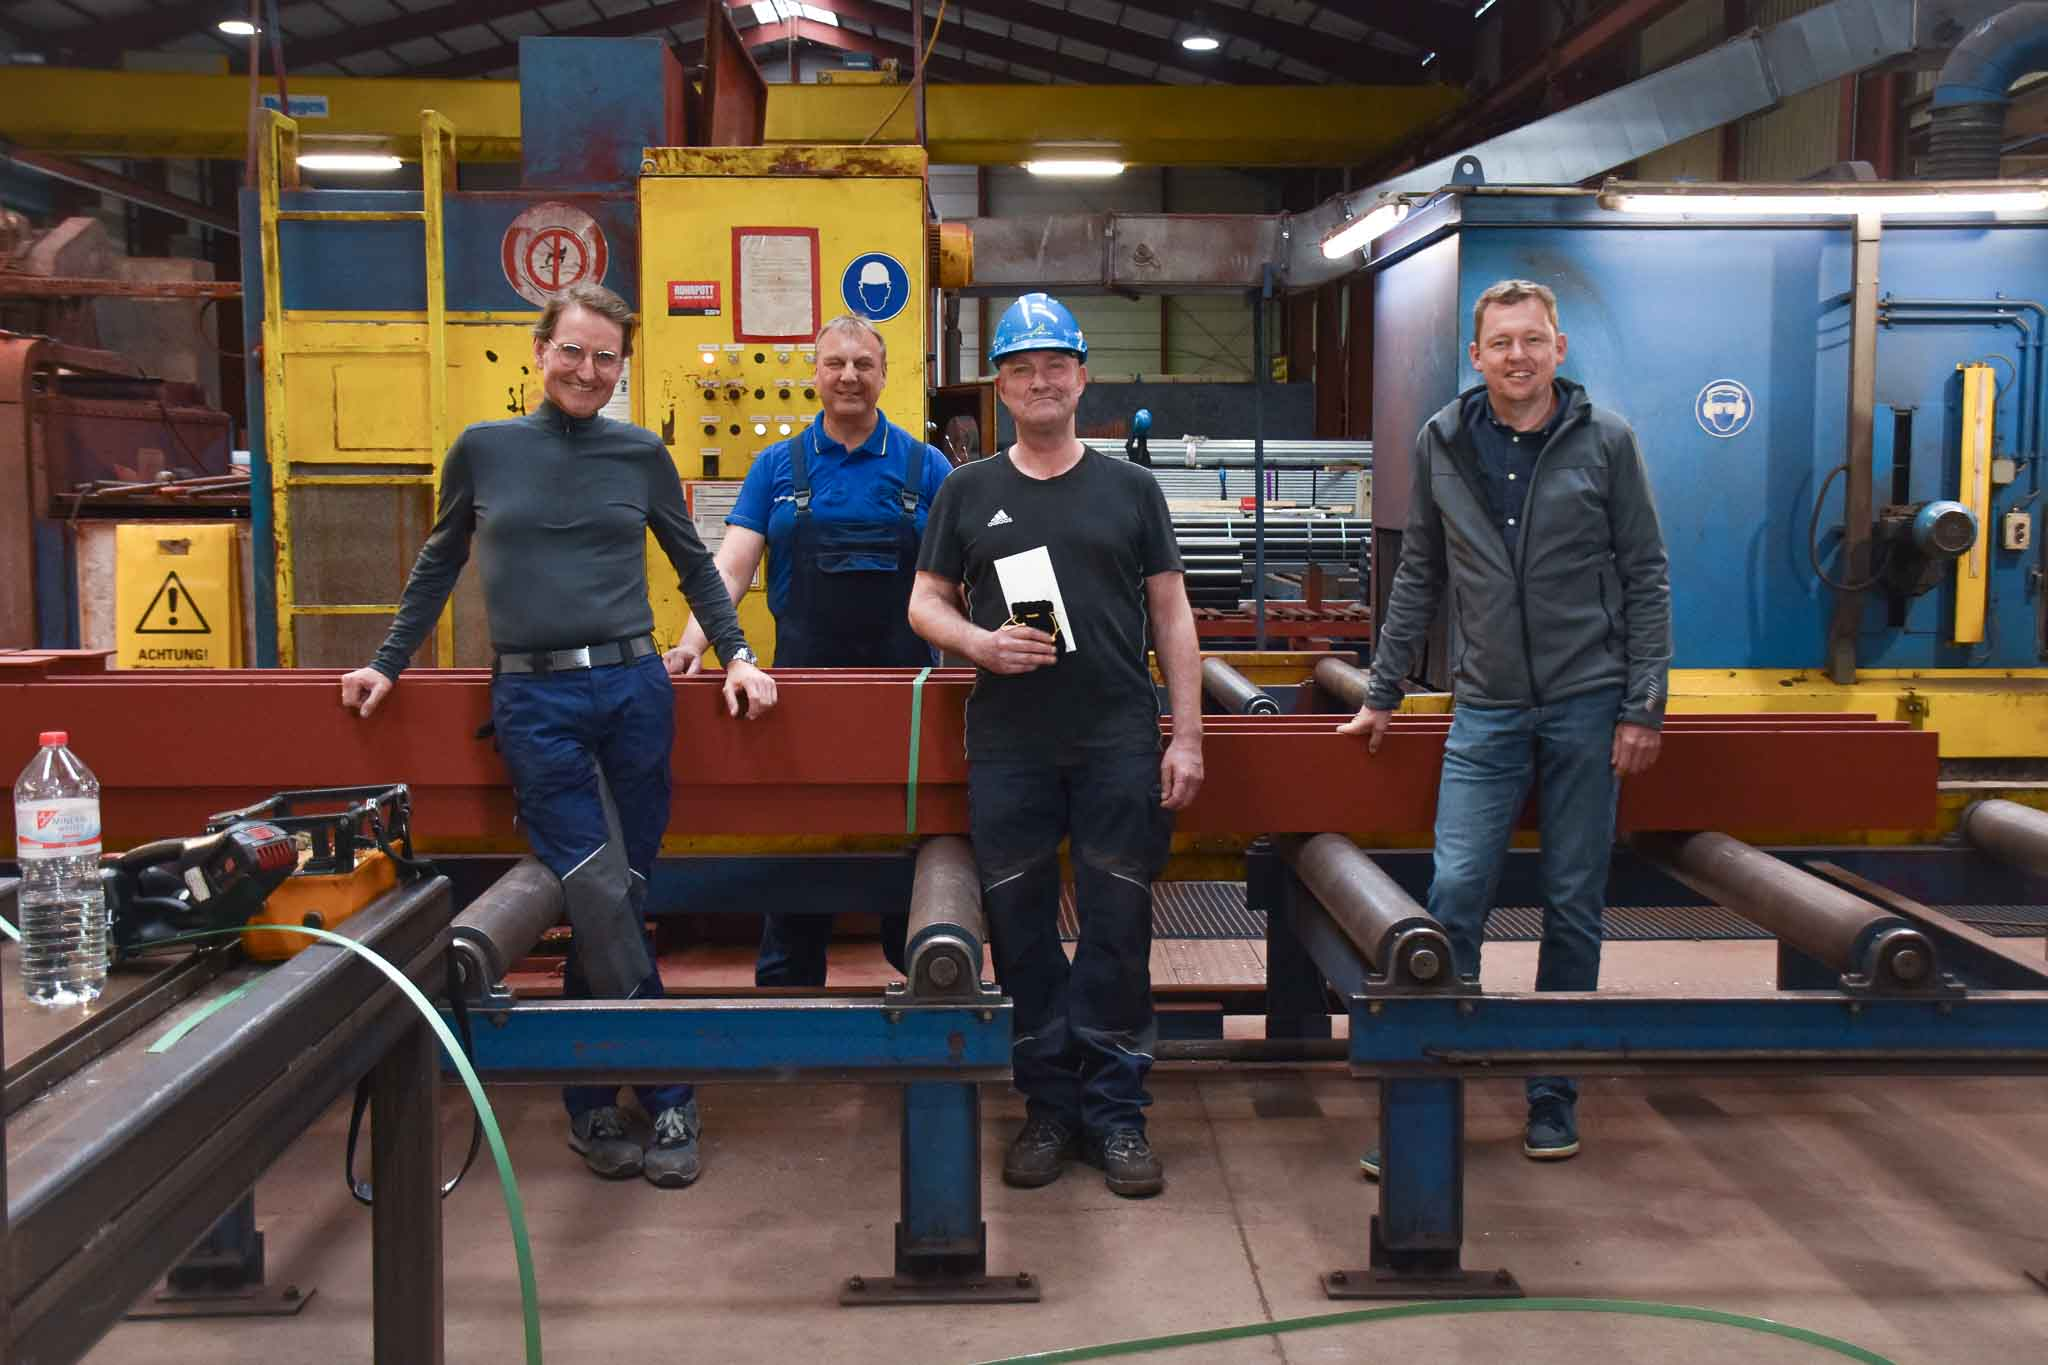 Männer stehen in Stahlhalle. Hinter Männern ist eine Stahlsäge.